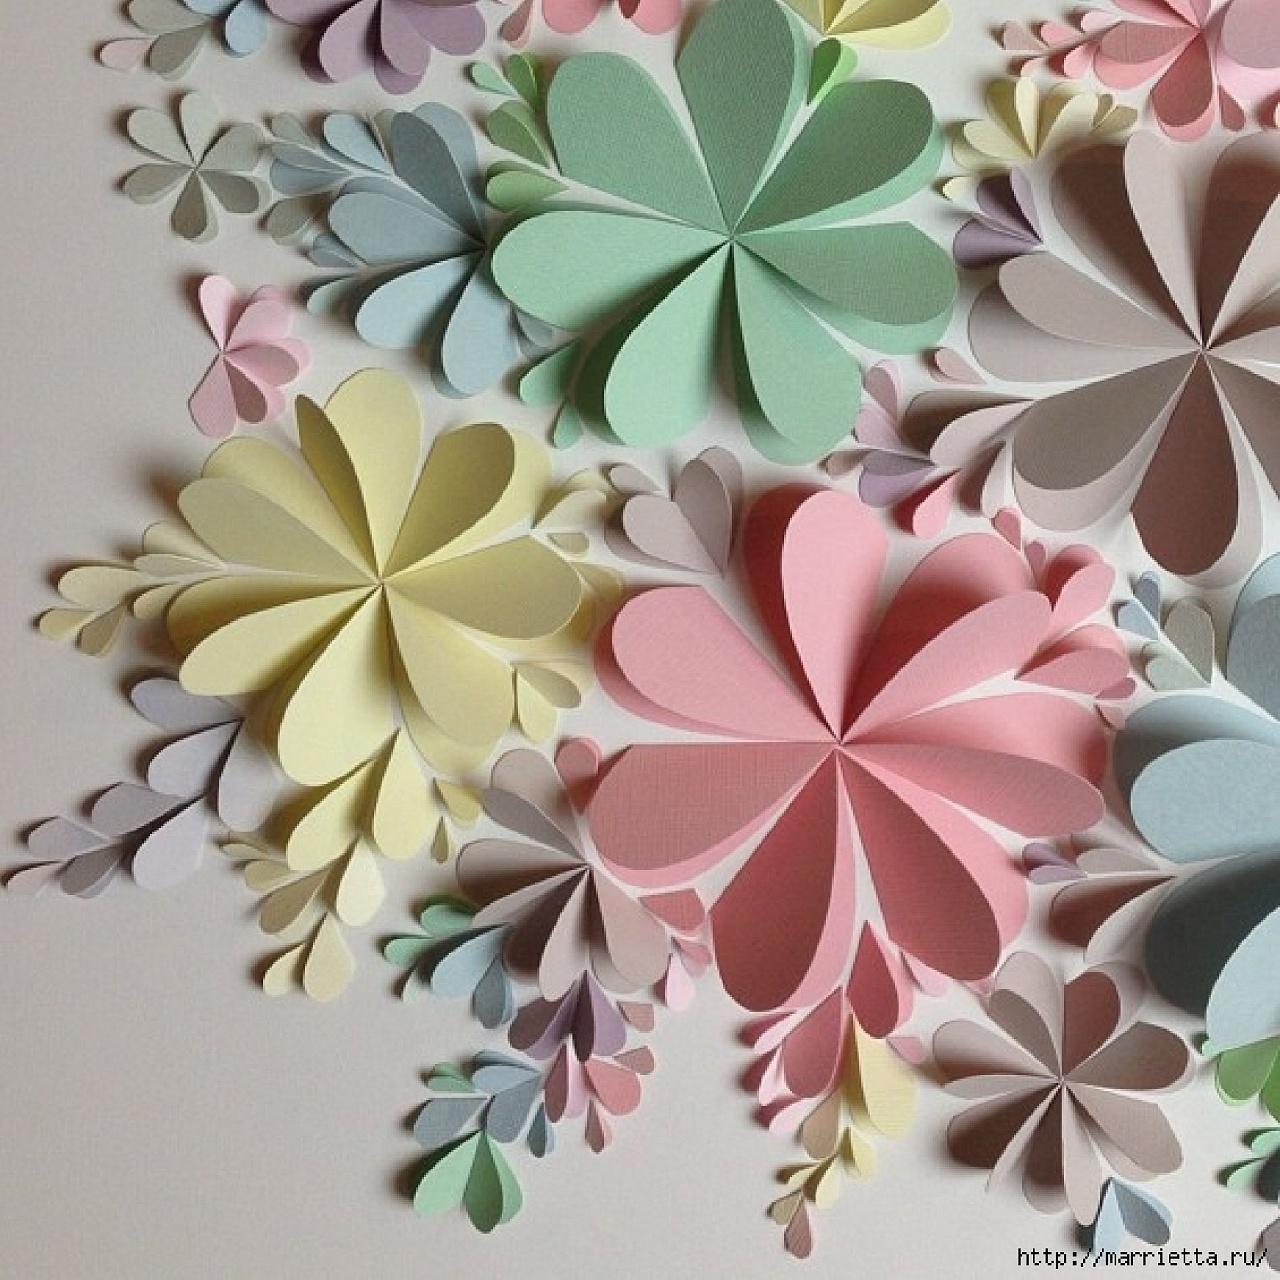 Панно из бумажных цветов своими руками